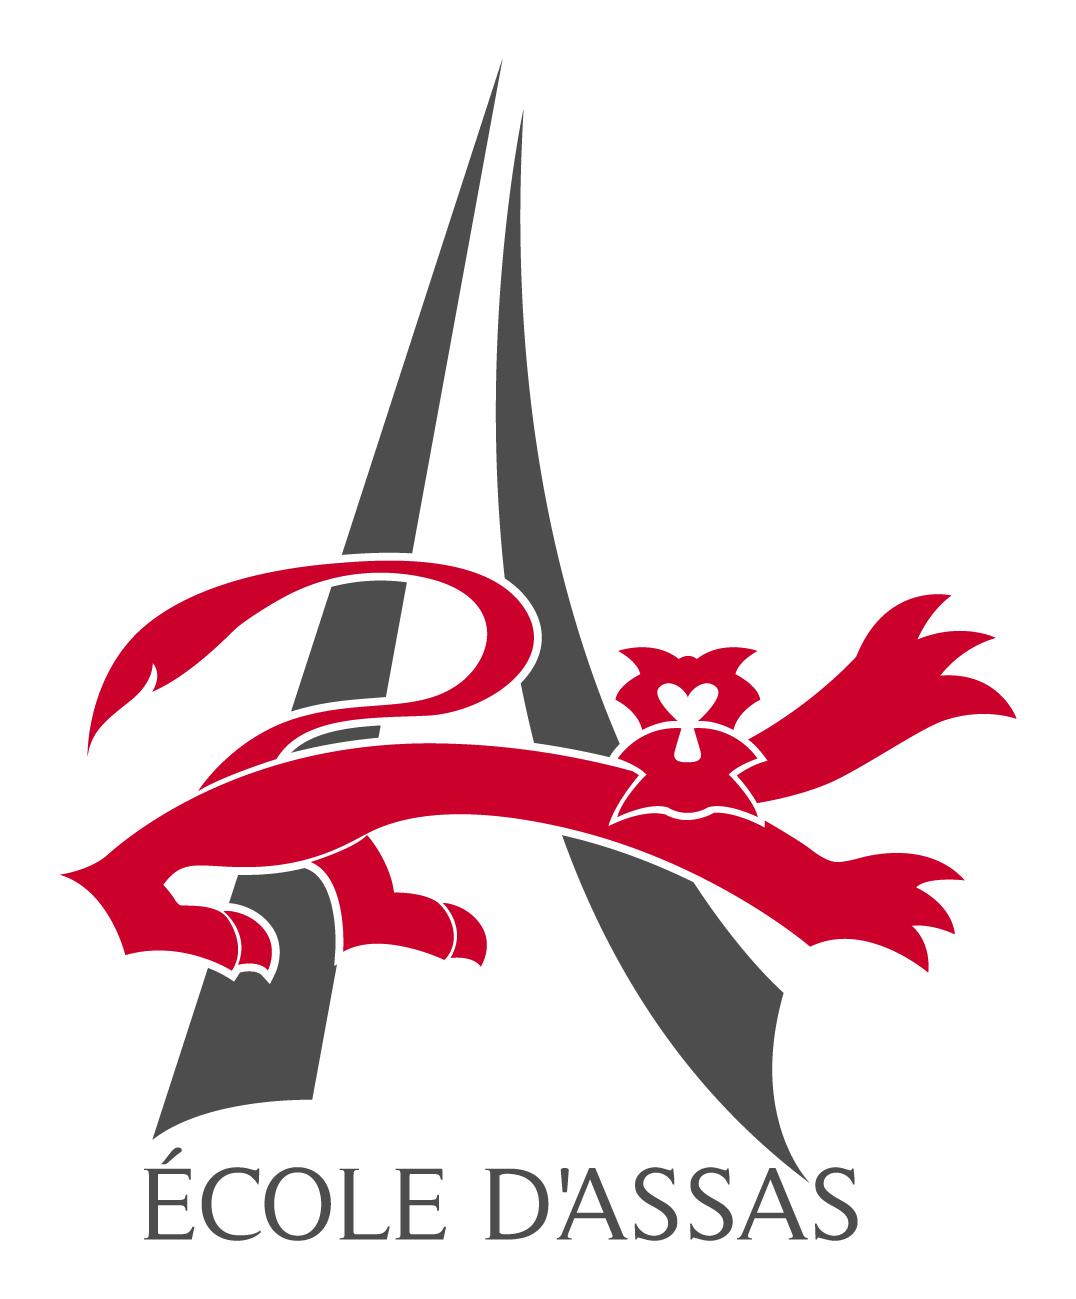 Logo Ecole d'assas